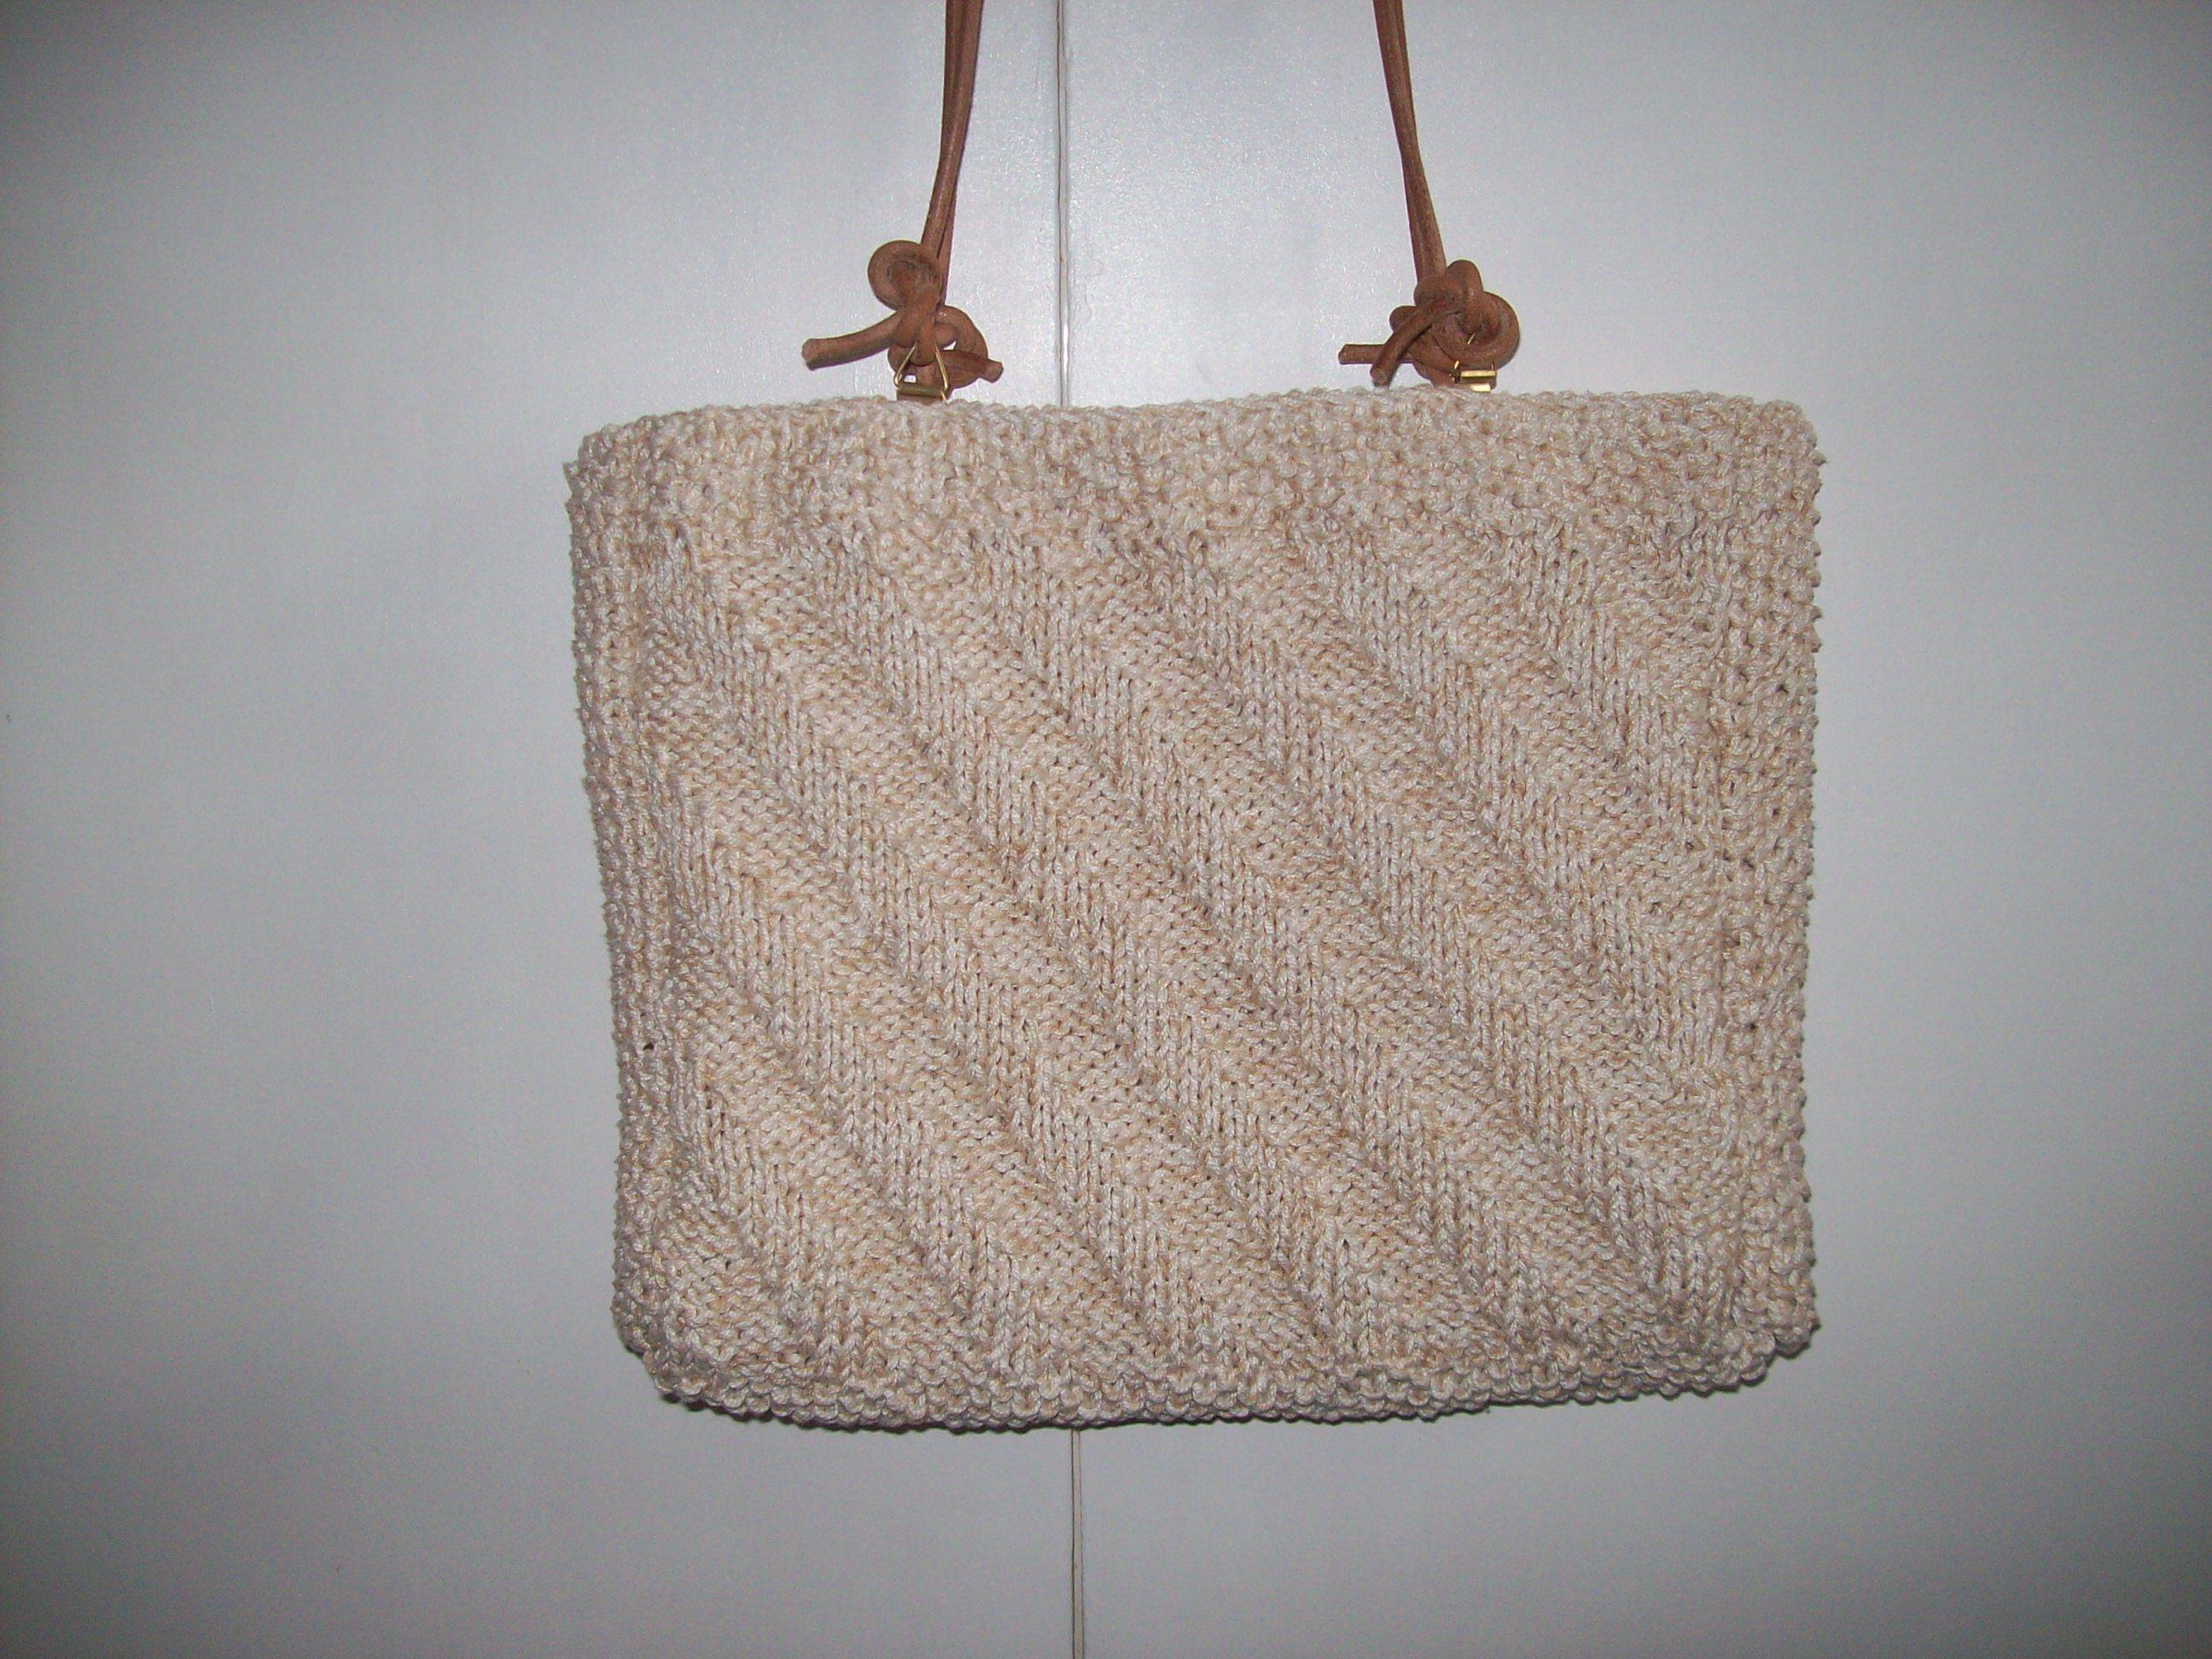 4 madejas de algodón egipcio nº 5 tejidas juntas; agujas del nº 4 y 2 m. de cordón. Bolso de verano!